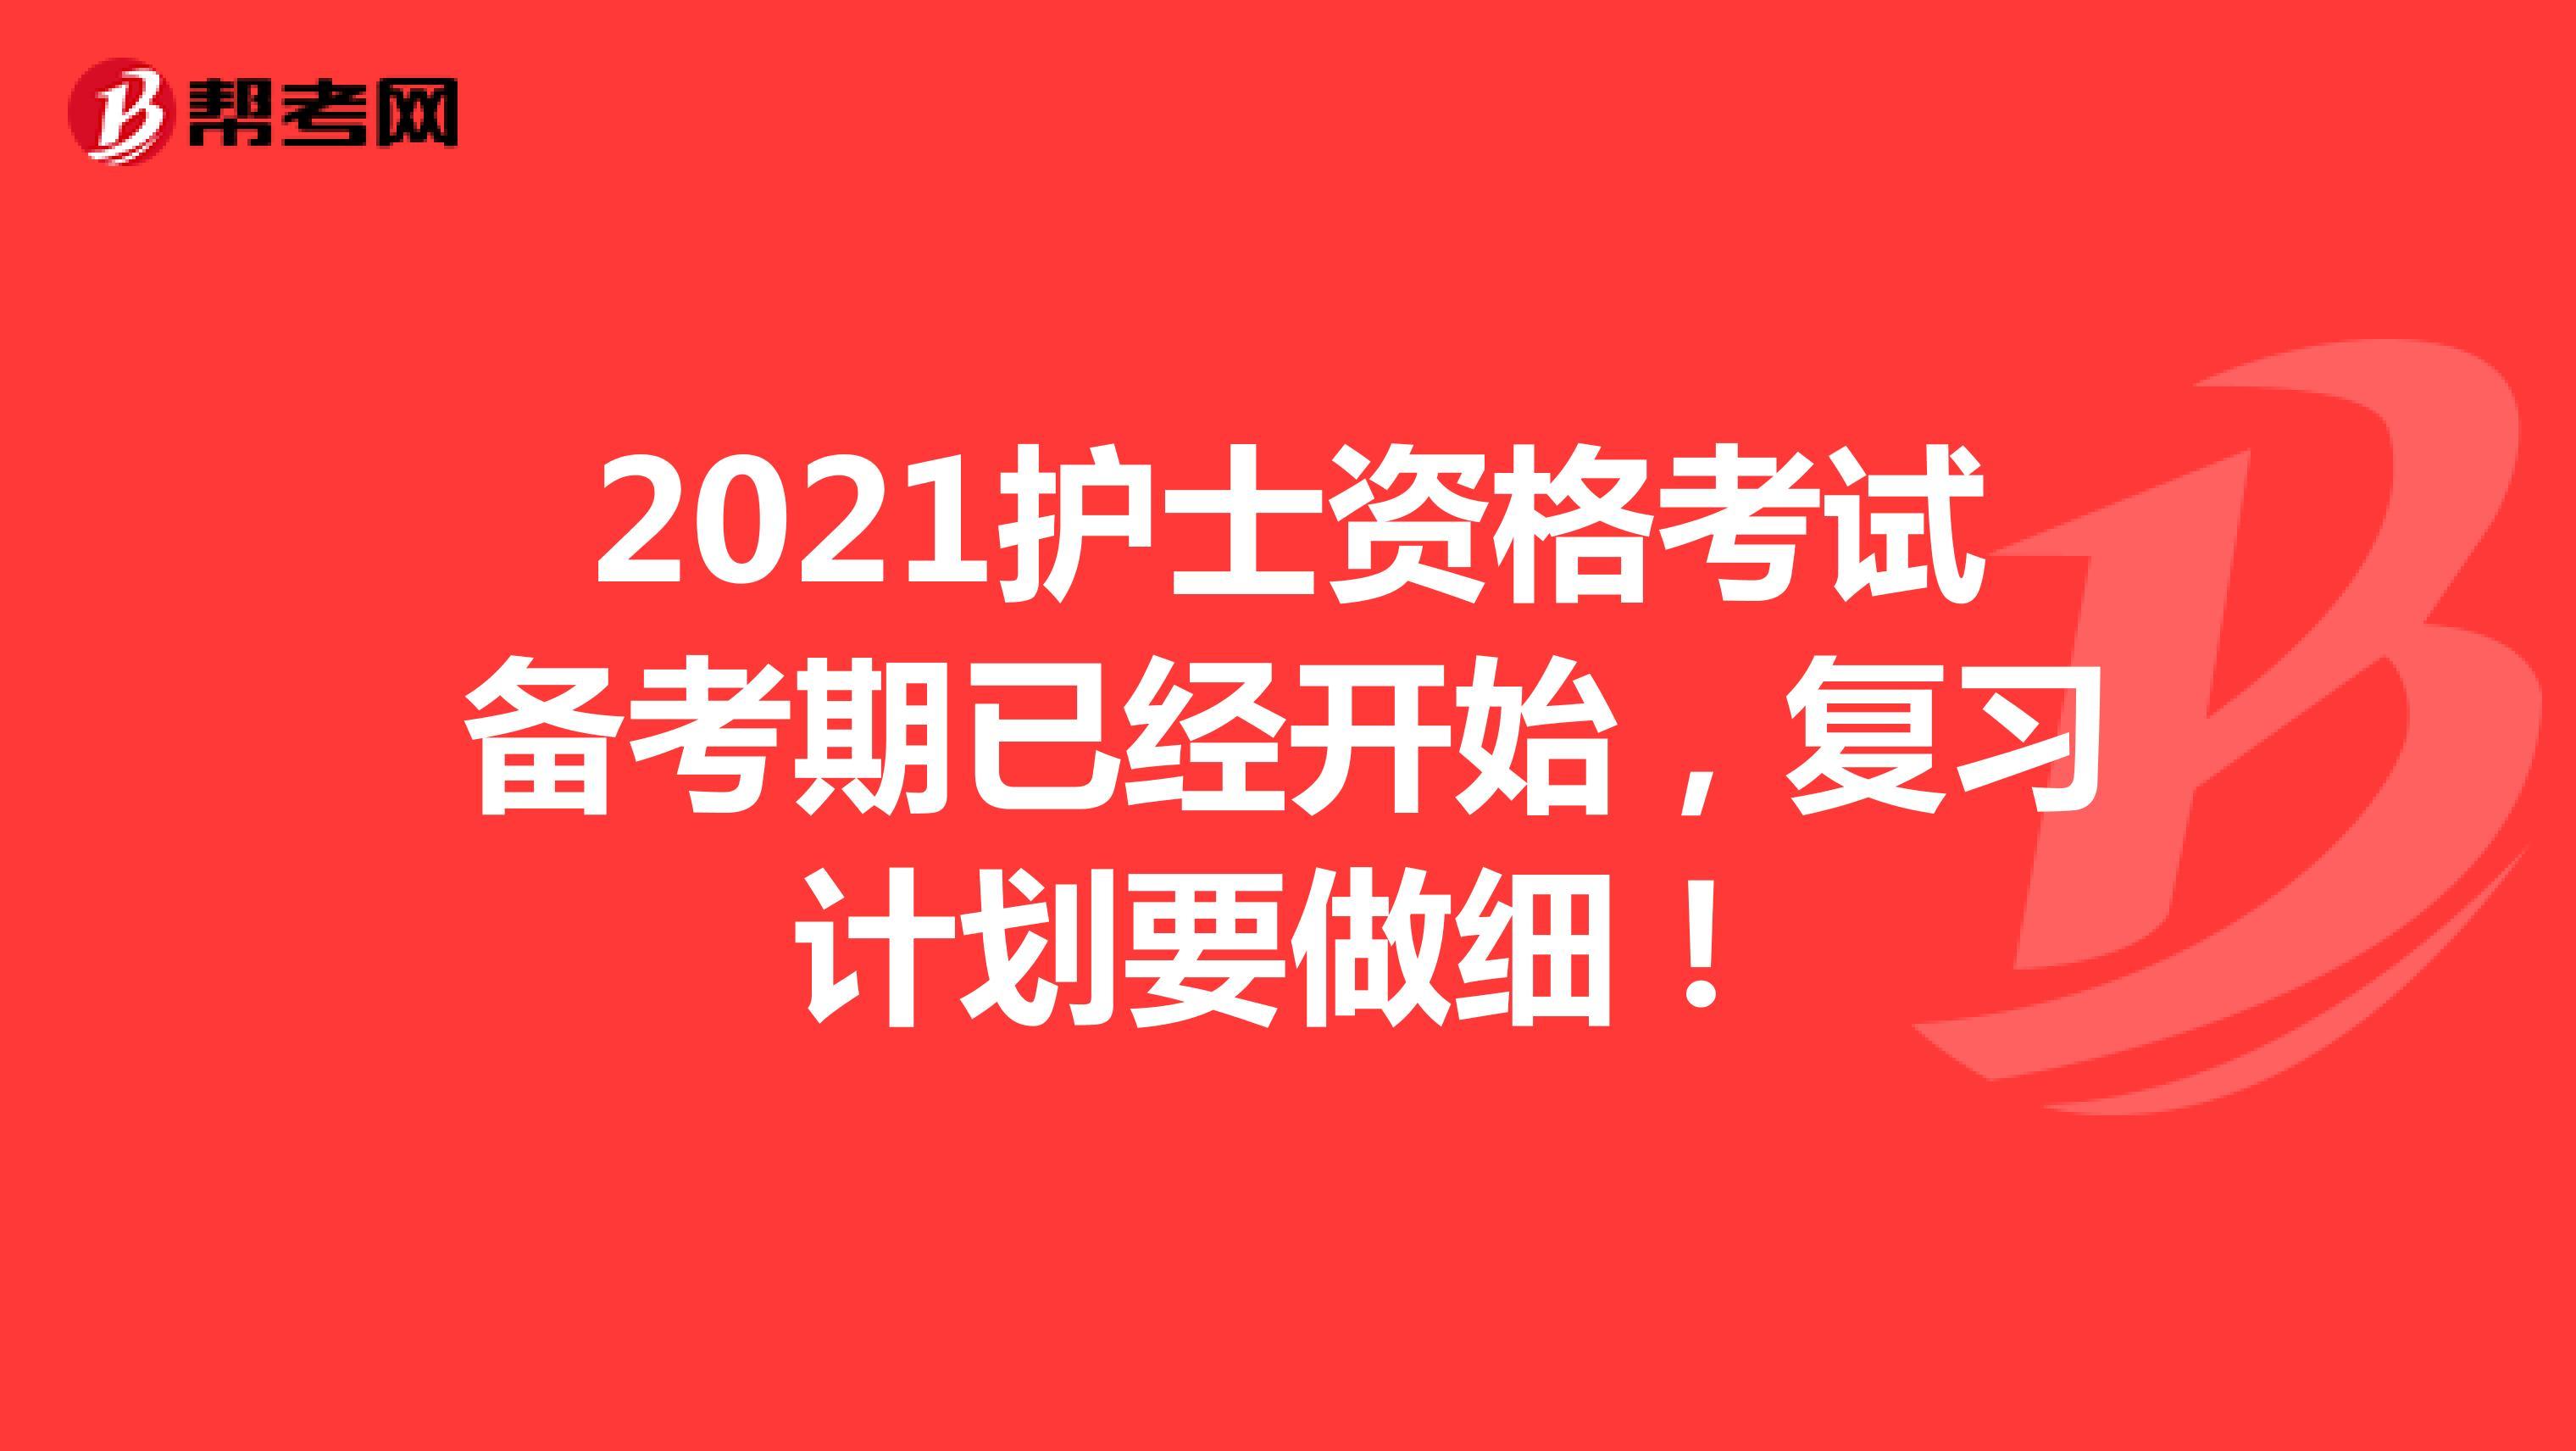 2021护士资格考试备考期已经开始,复习计划要做细!